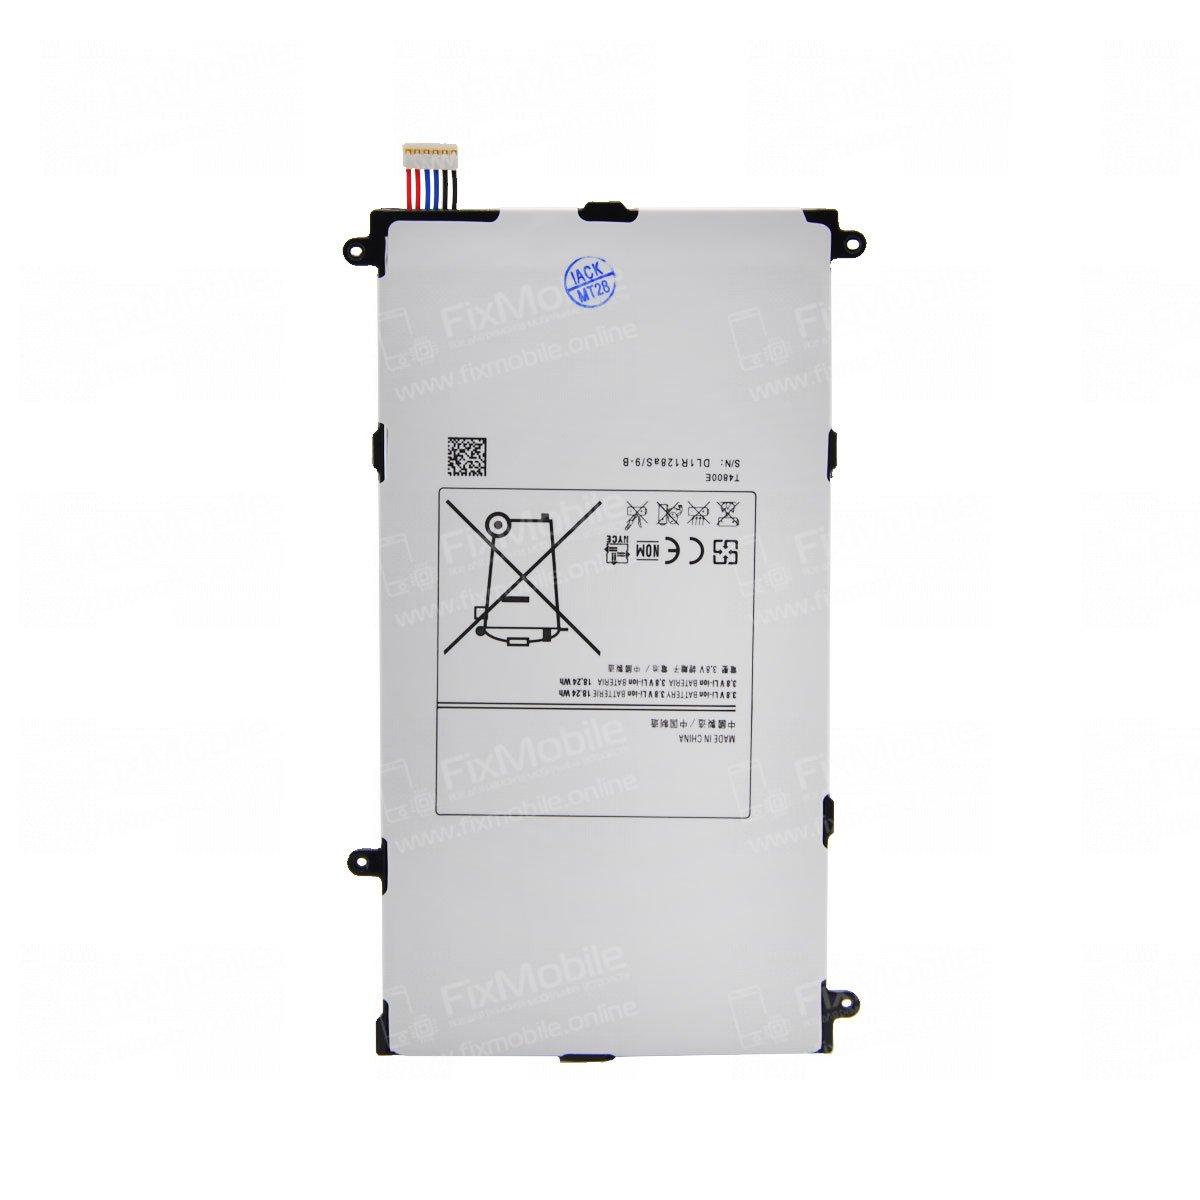 Аккумуляторная батарея для Samsung Galaxy Tab Pro 8.4 WiFI (T320) T4800E